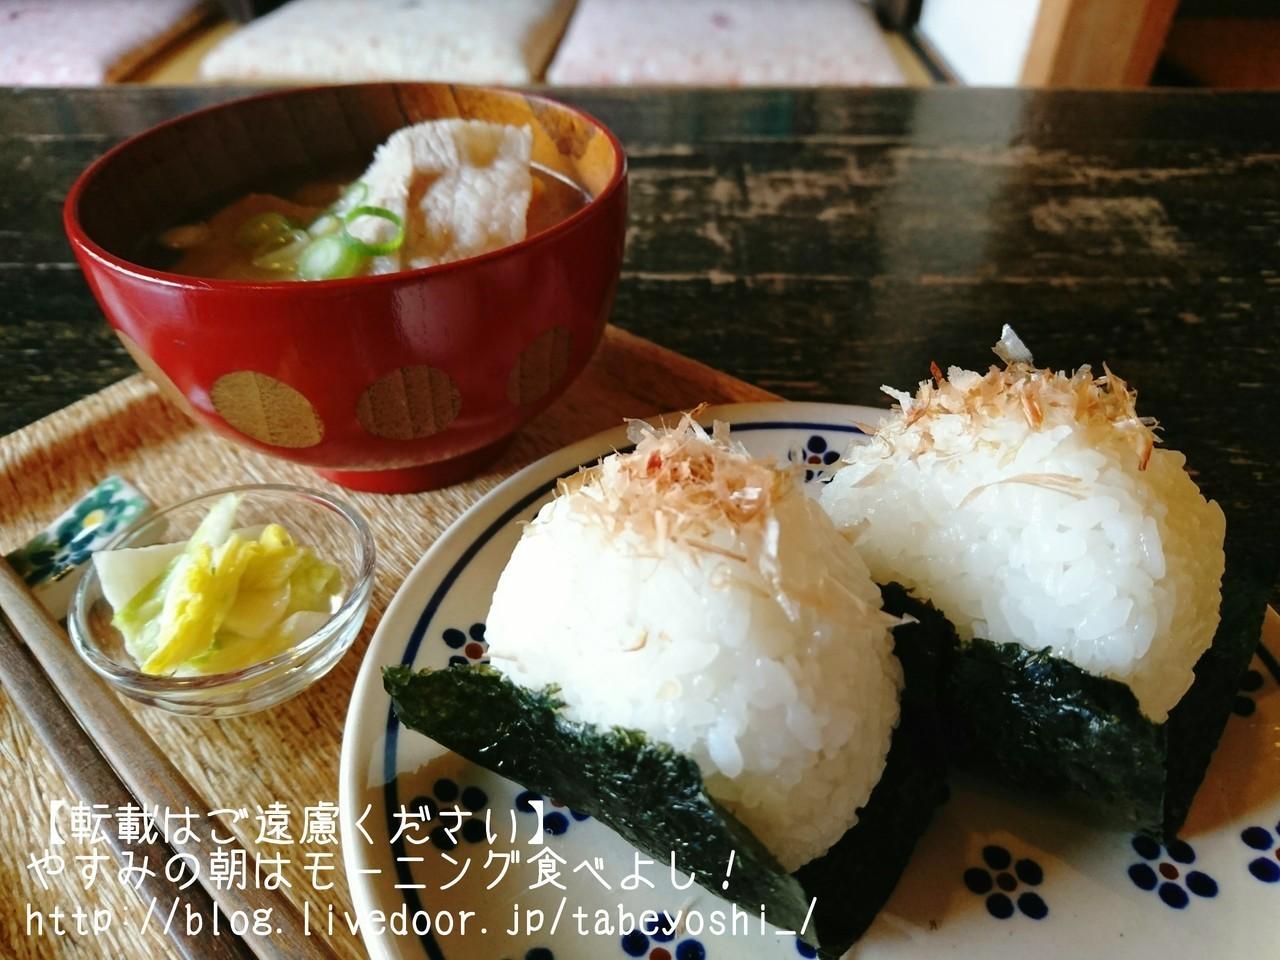 花隈的『SUIRATE(すいらて)』的暖暖飯糰早餐